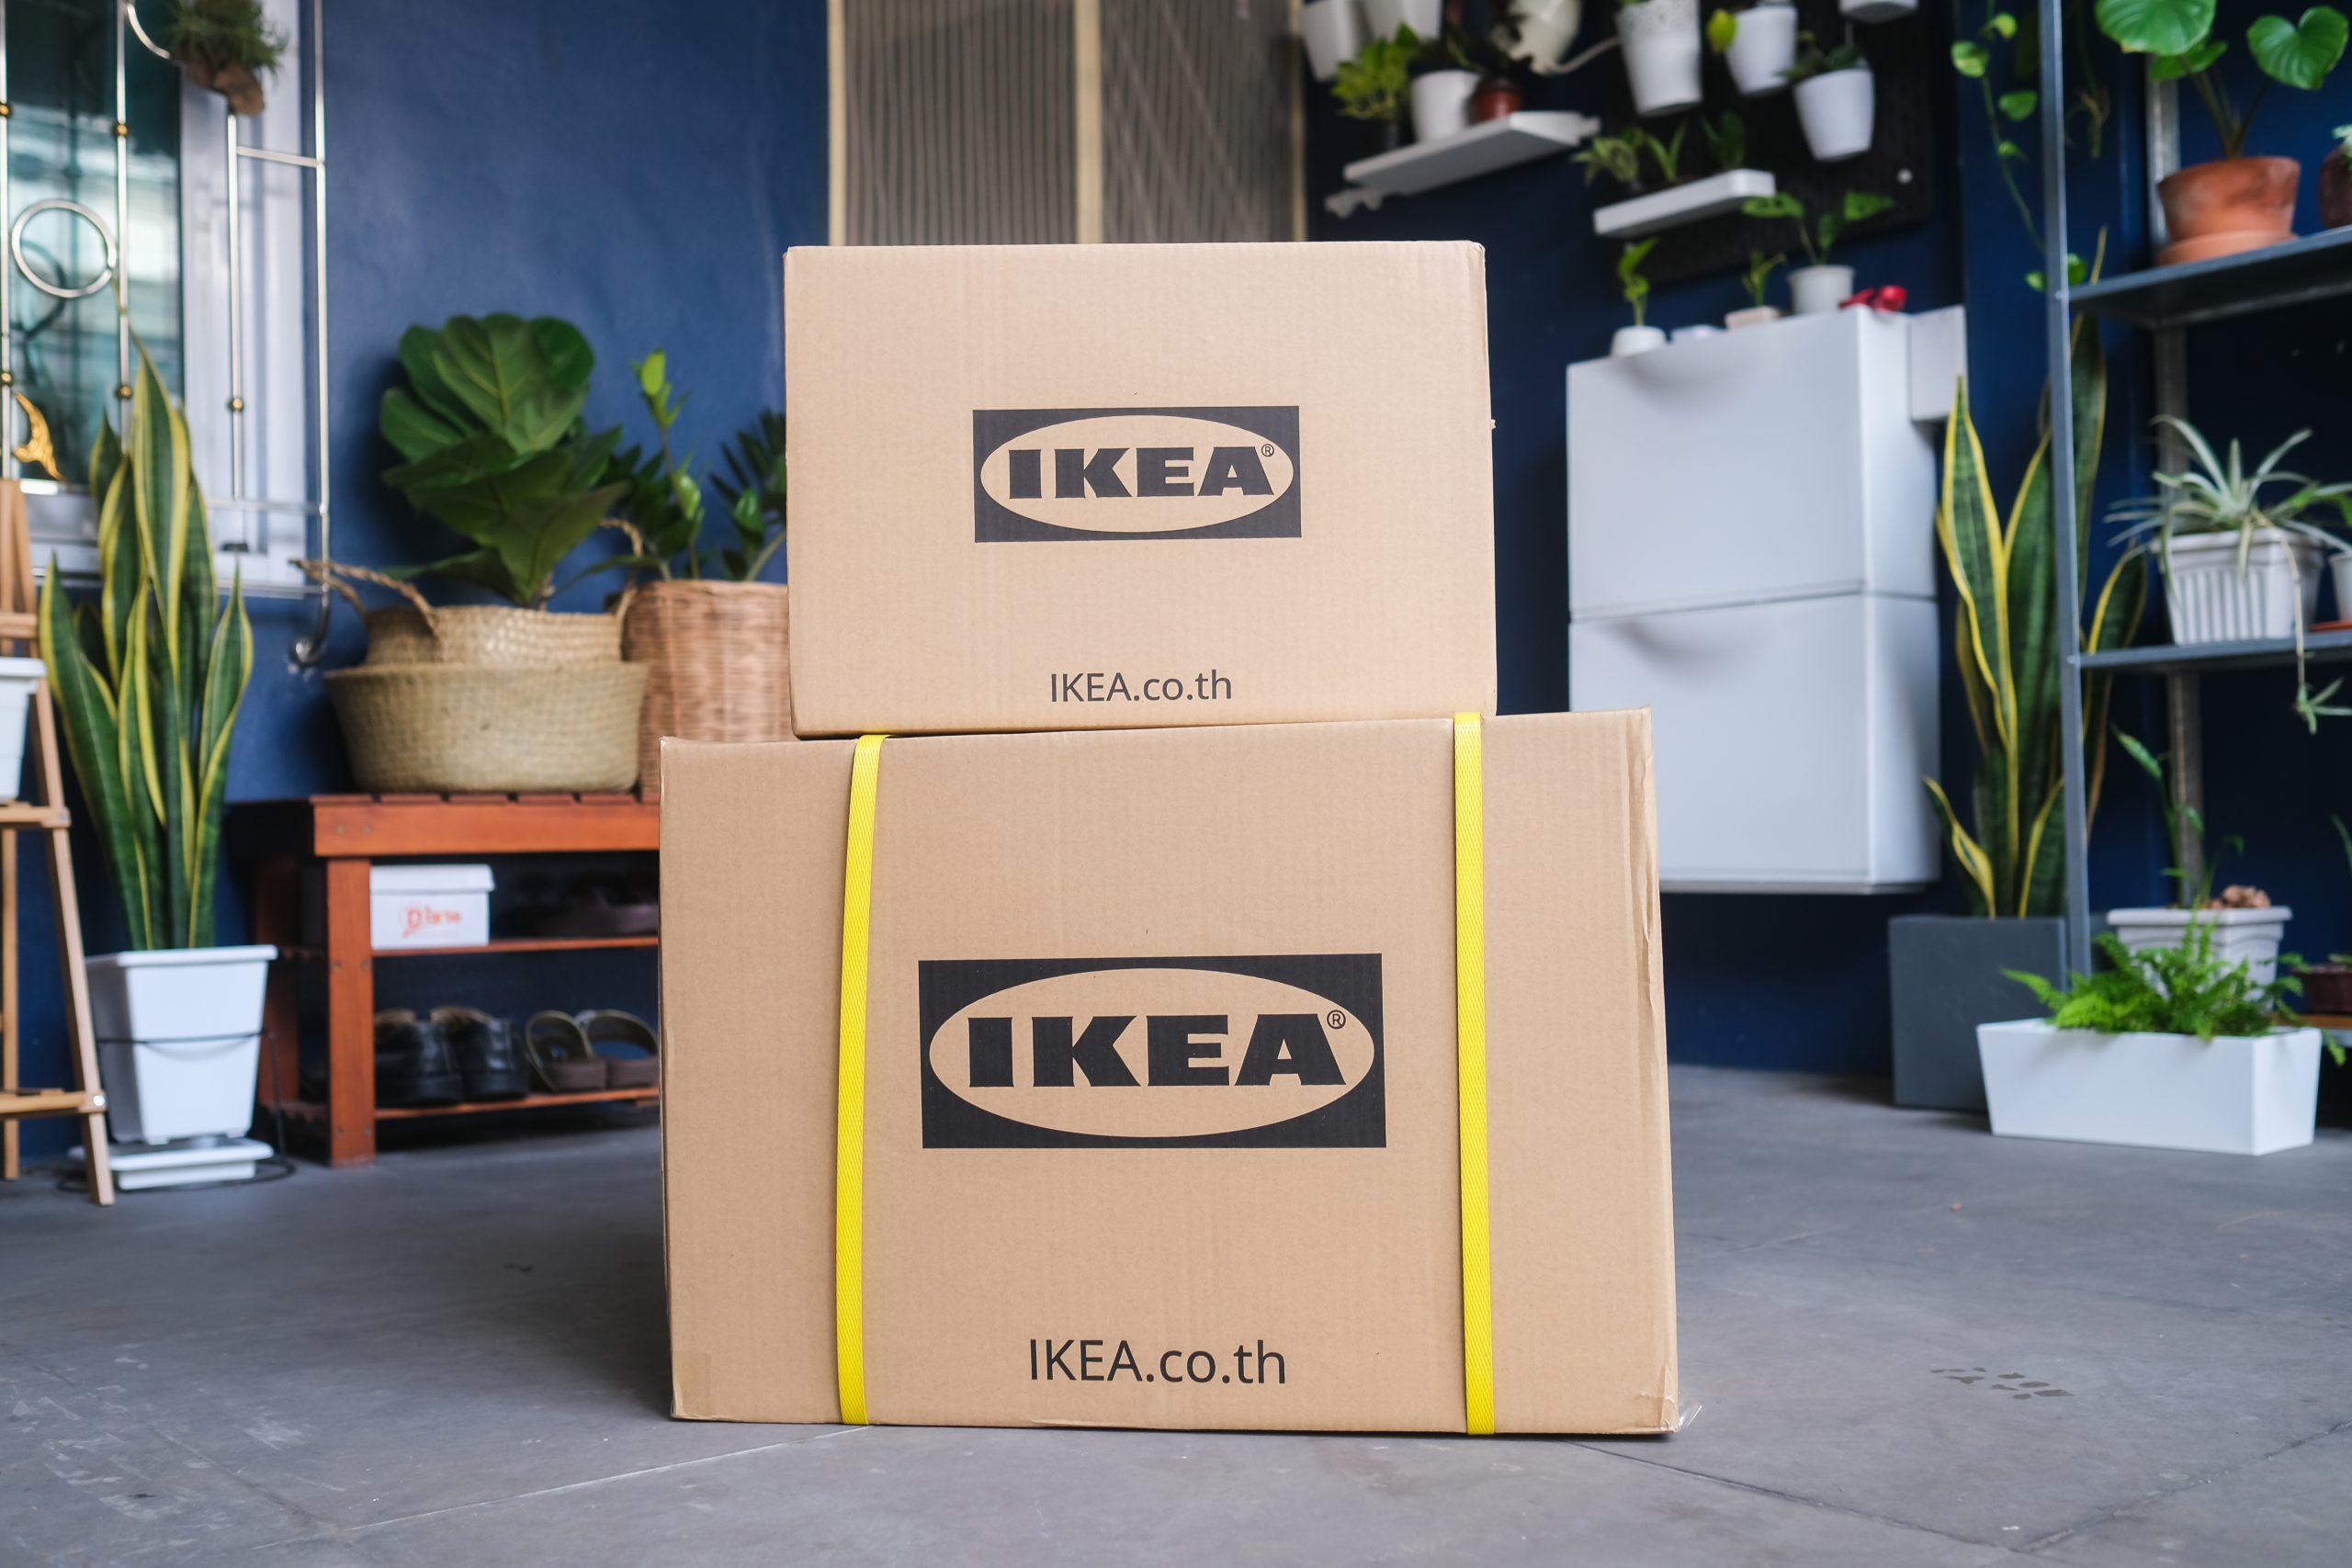 Ikea lance une campagne pour racheter les meubles de ses clients